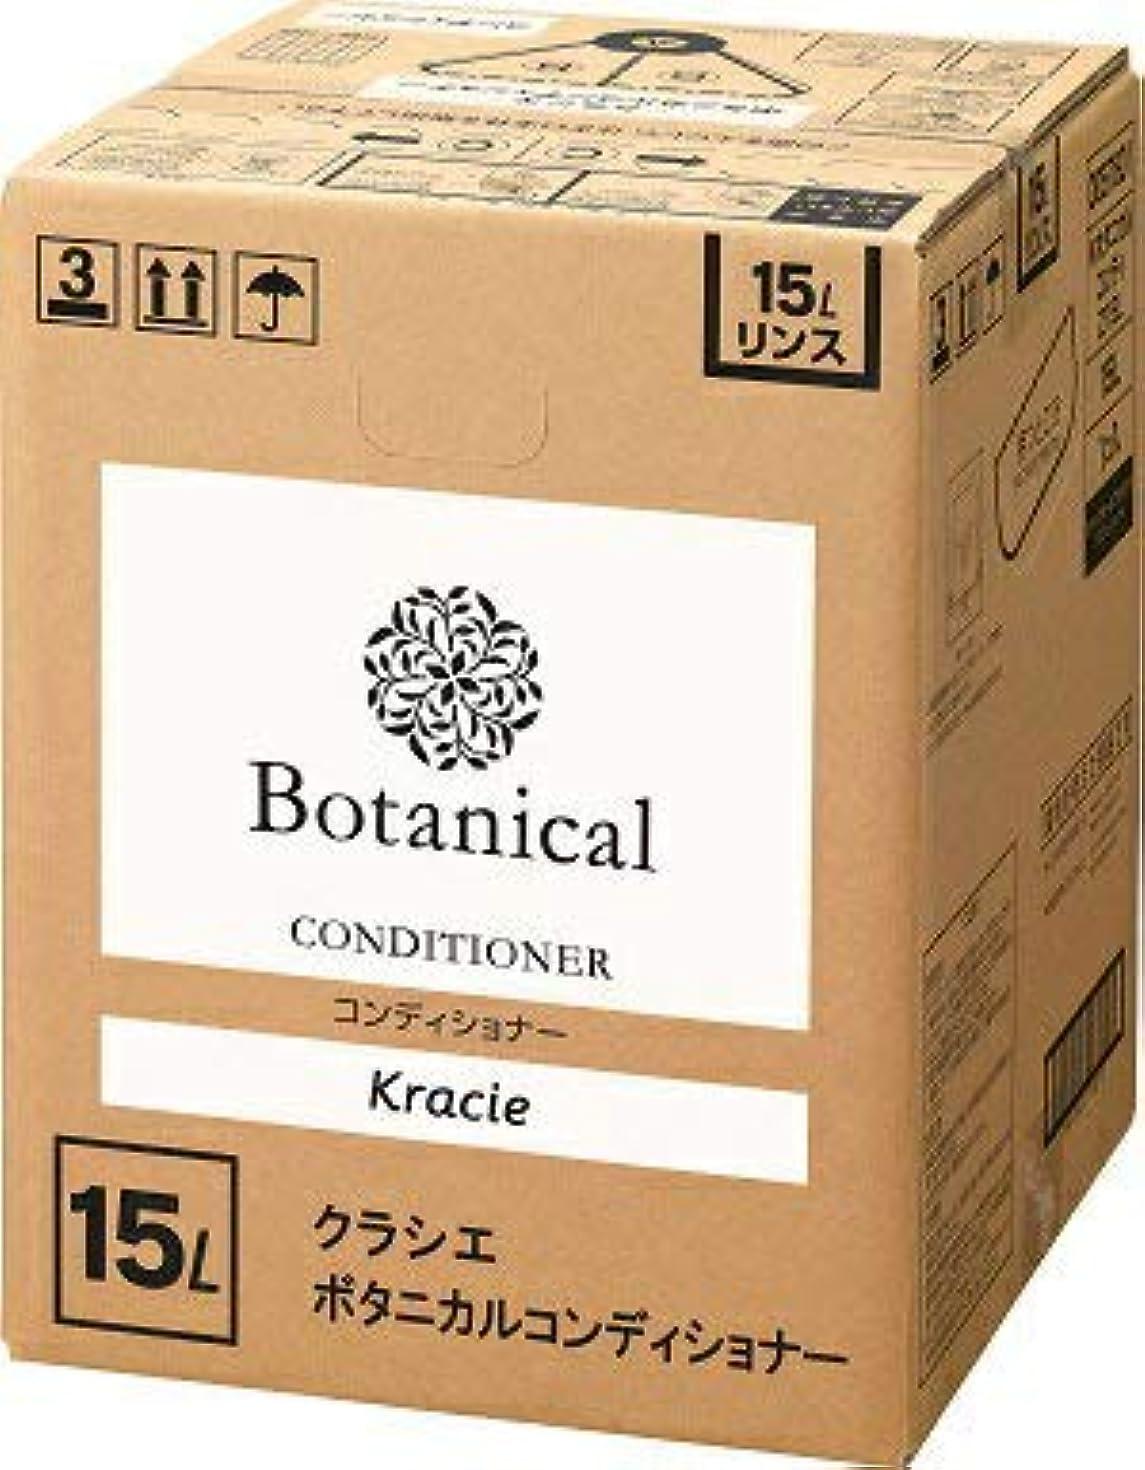 スラッシュ初期ディレイKracie クラシエ Botanical ボタニカル コンディショナー 15L 詰め替え 業務用